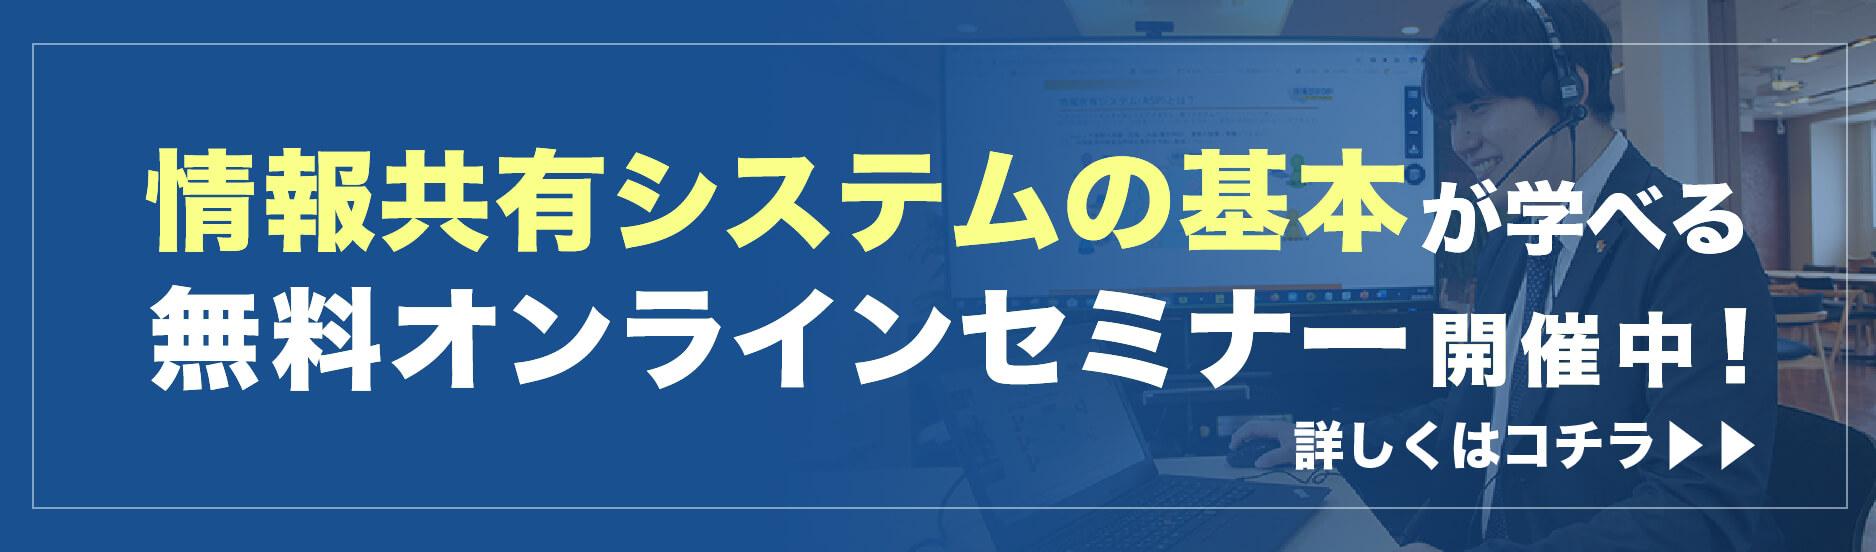 情報共有システムオンラインセミナーのお知らせ